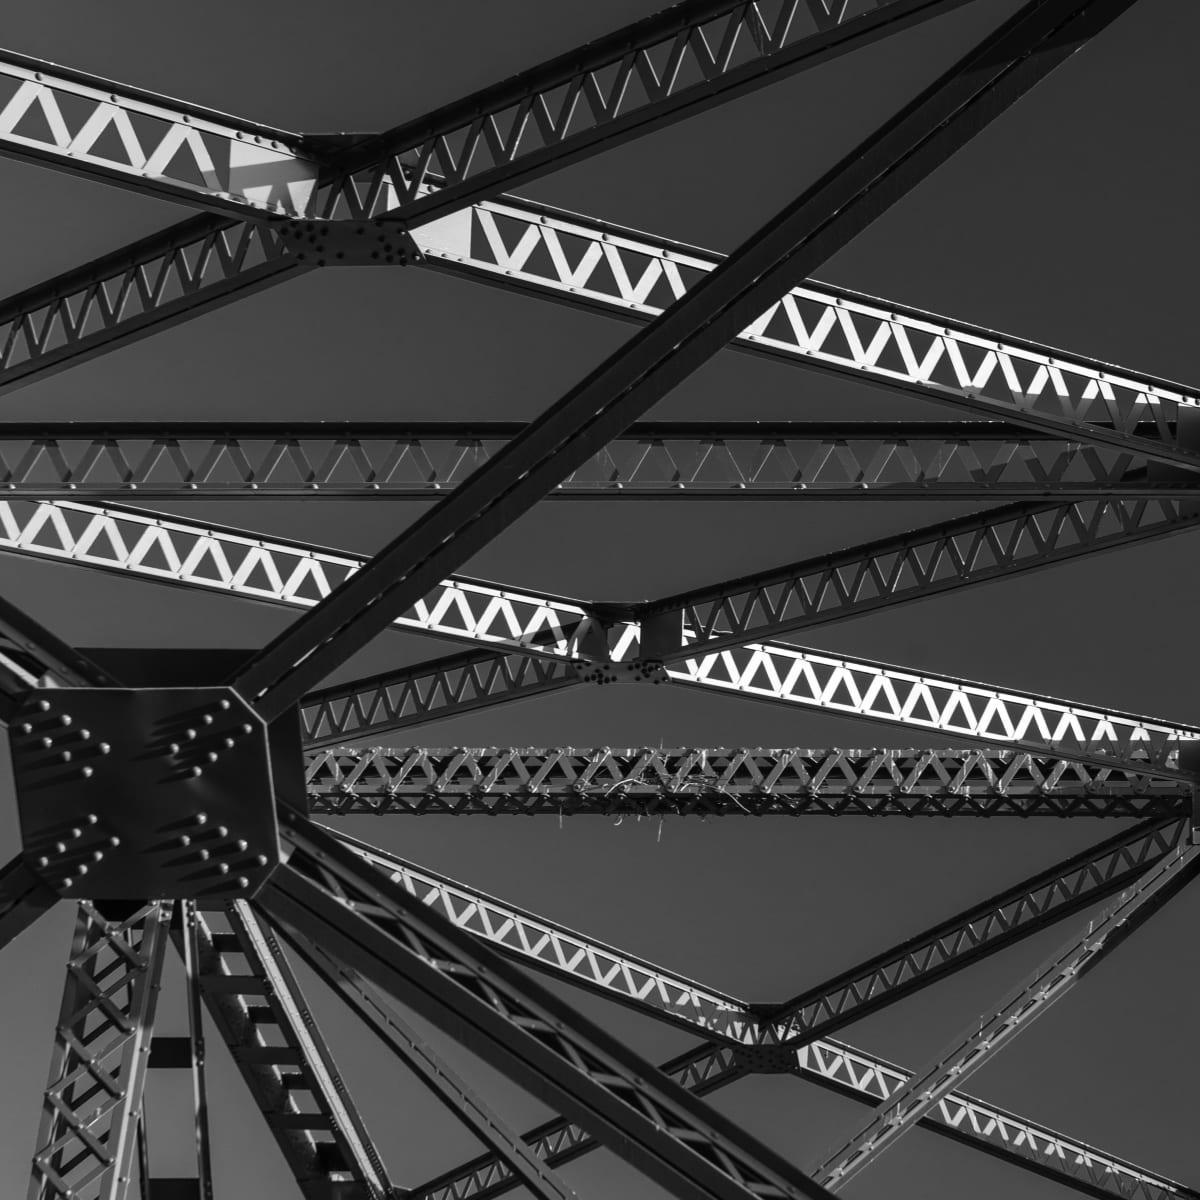 Jibboom Street Bridge #1 of 10 by Farrell Scott